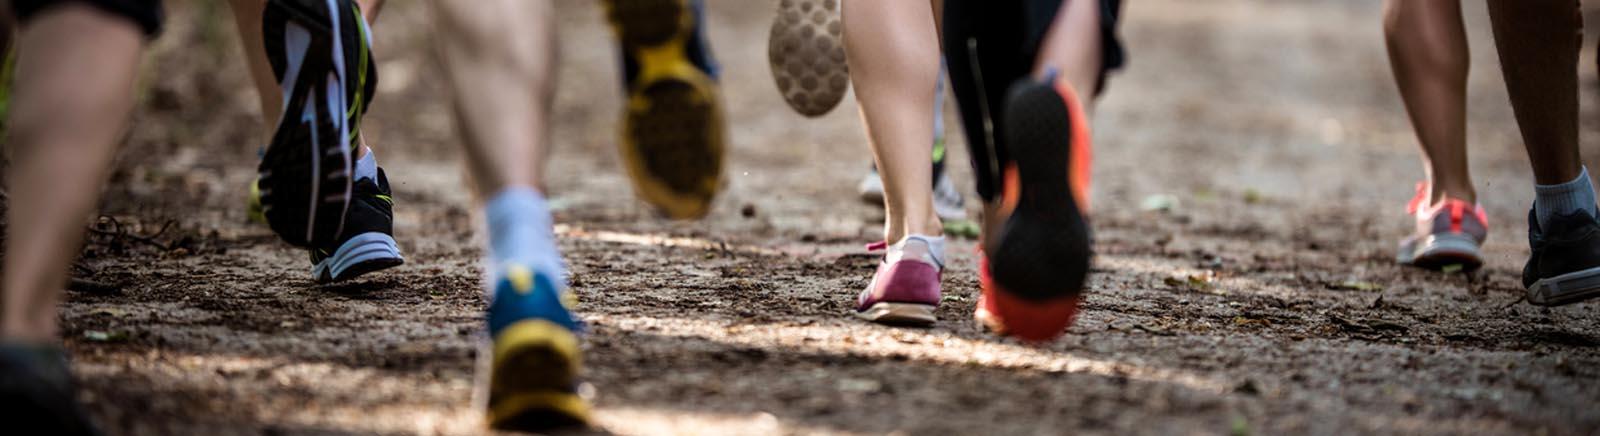 Läufer rennen über einen Weg